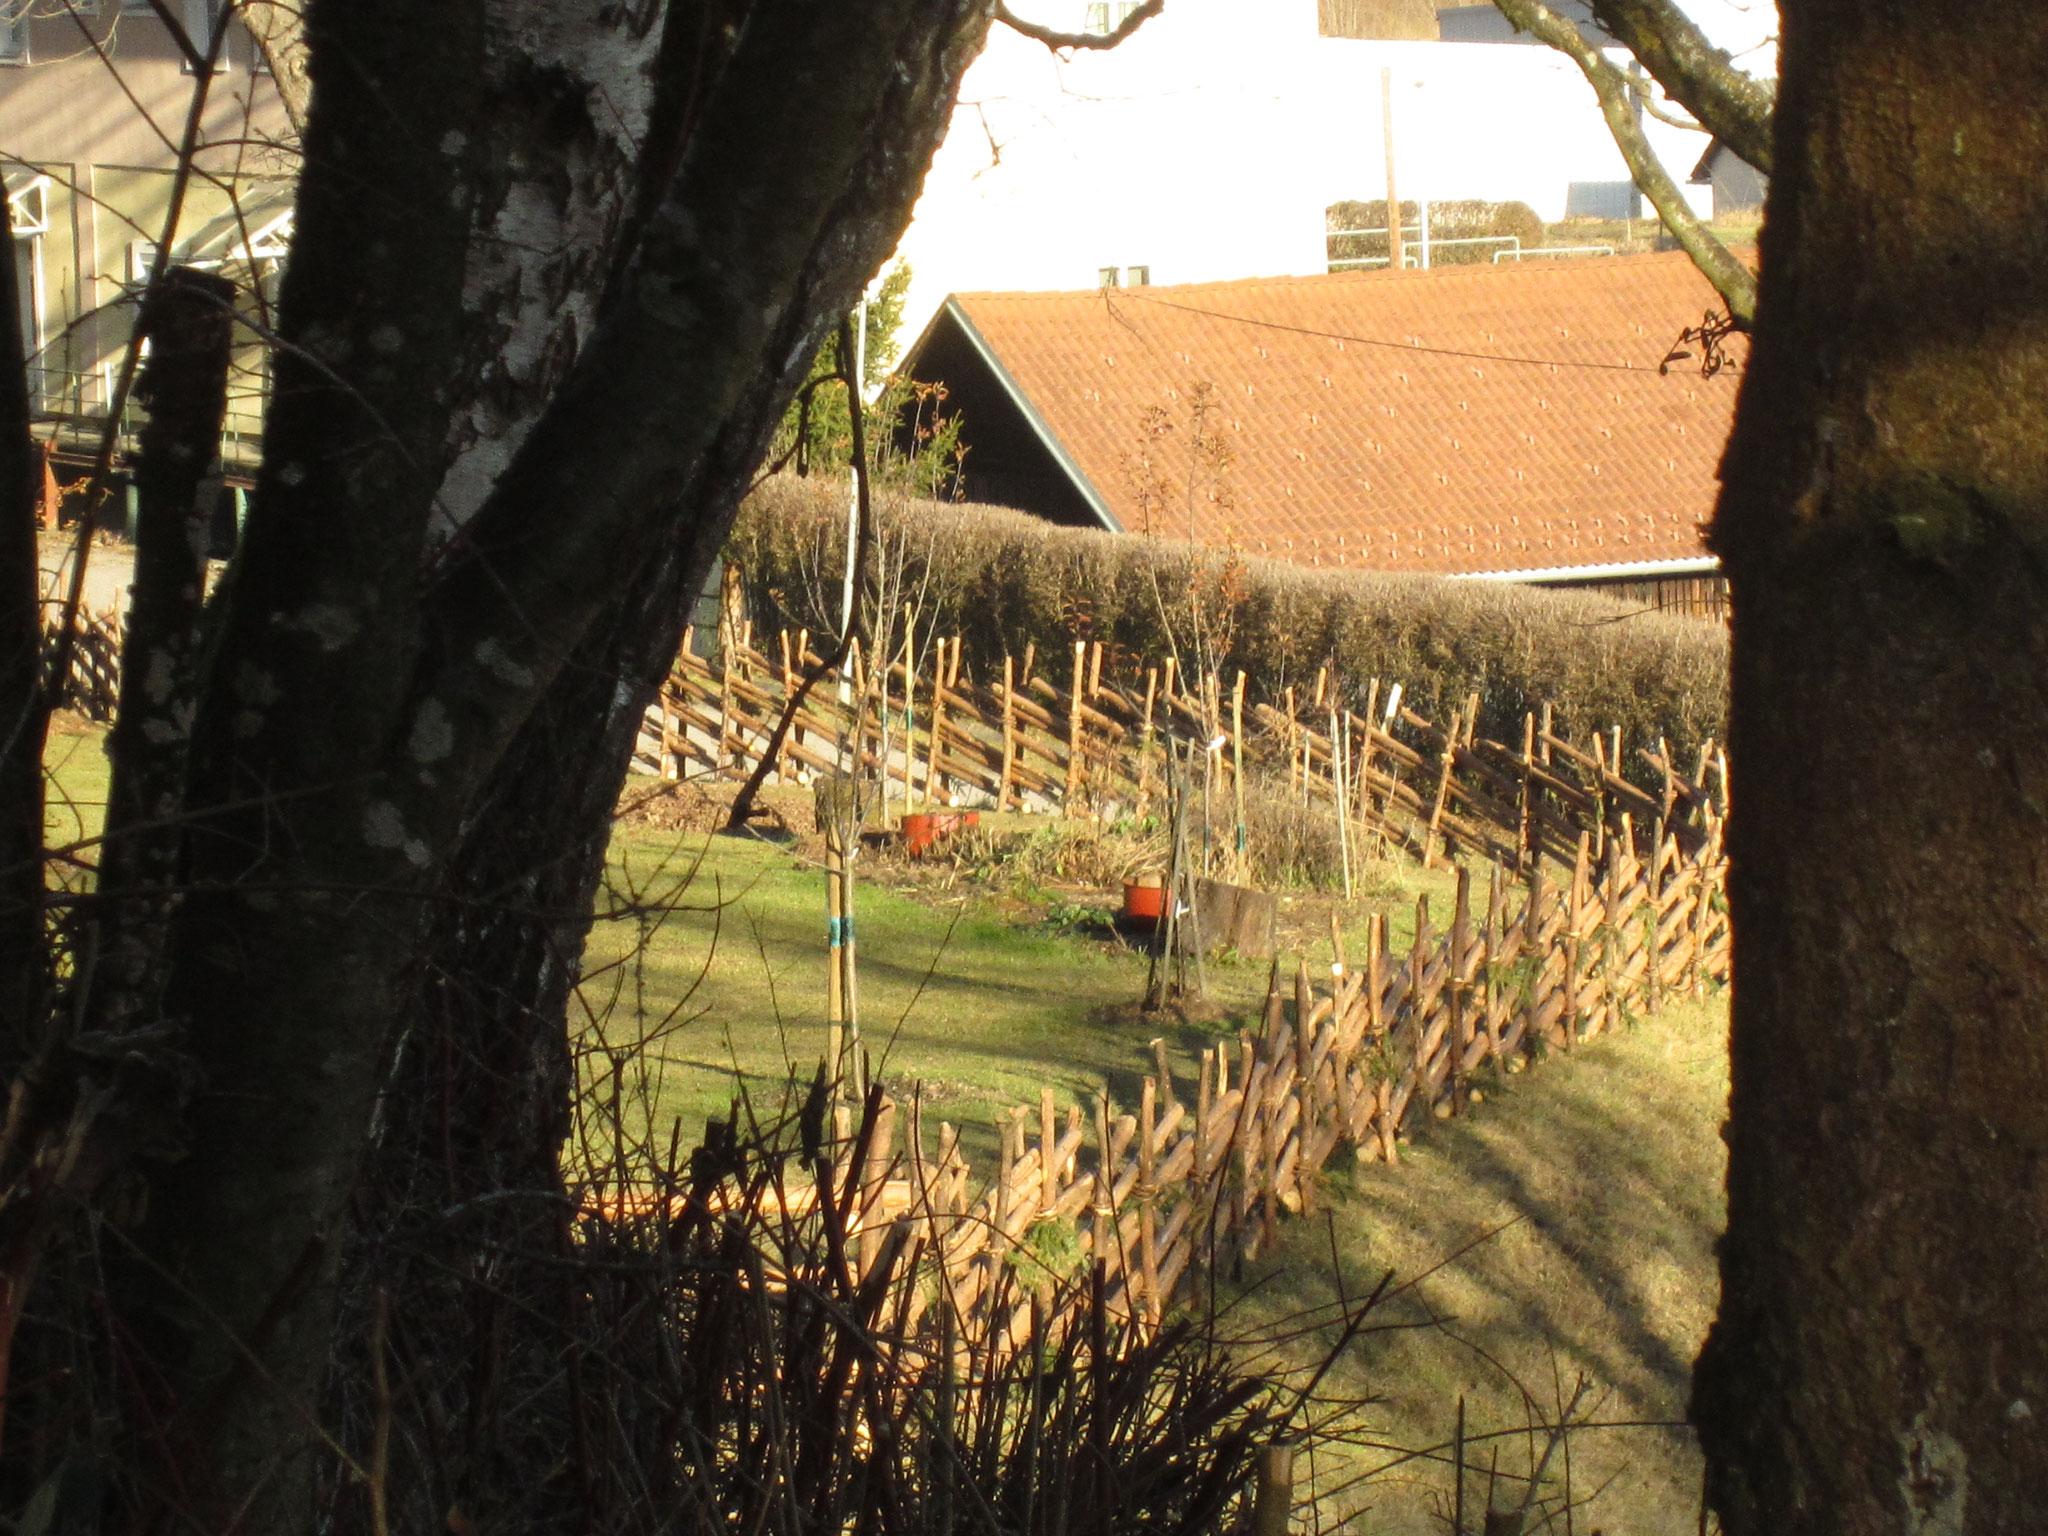 um eine rarität in meinem wildkräutergarten reicher. historischer zaun/schleuderzaun/liegendes ghag built by unterberger edi vlg. jaxe